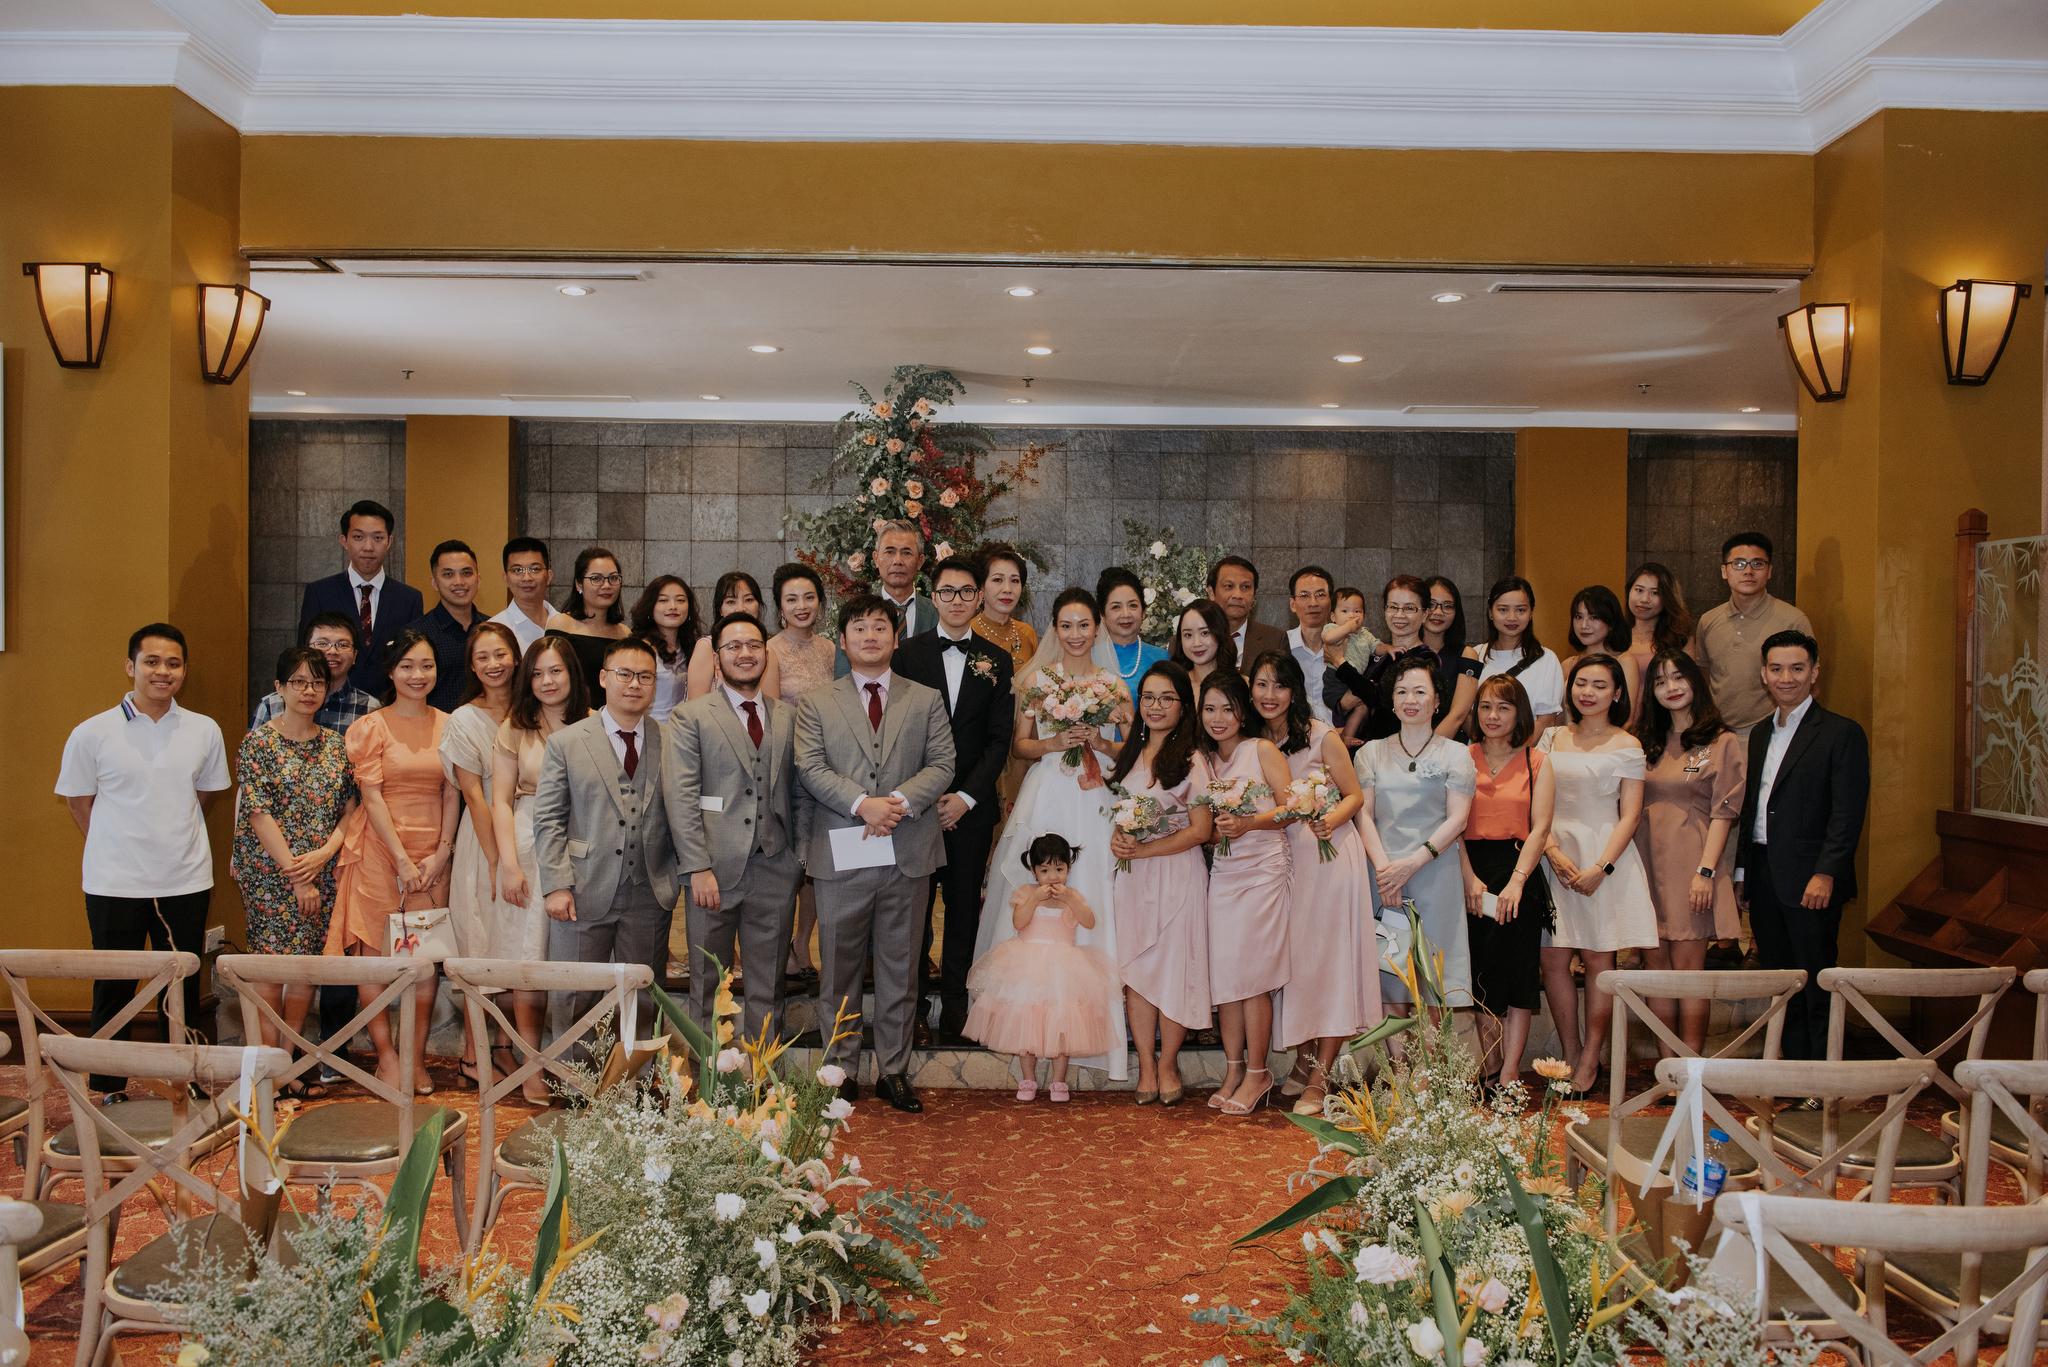 https://huk.s3.amazonaws.com/uploads/image/source/1430/Phuong-Diep-HN-Ceremony-1-0718.JPG